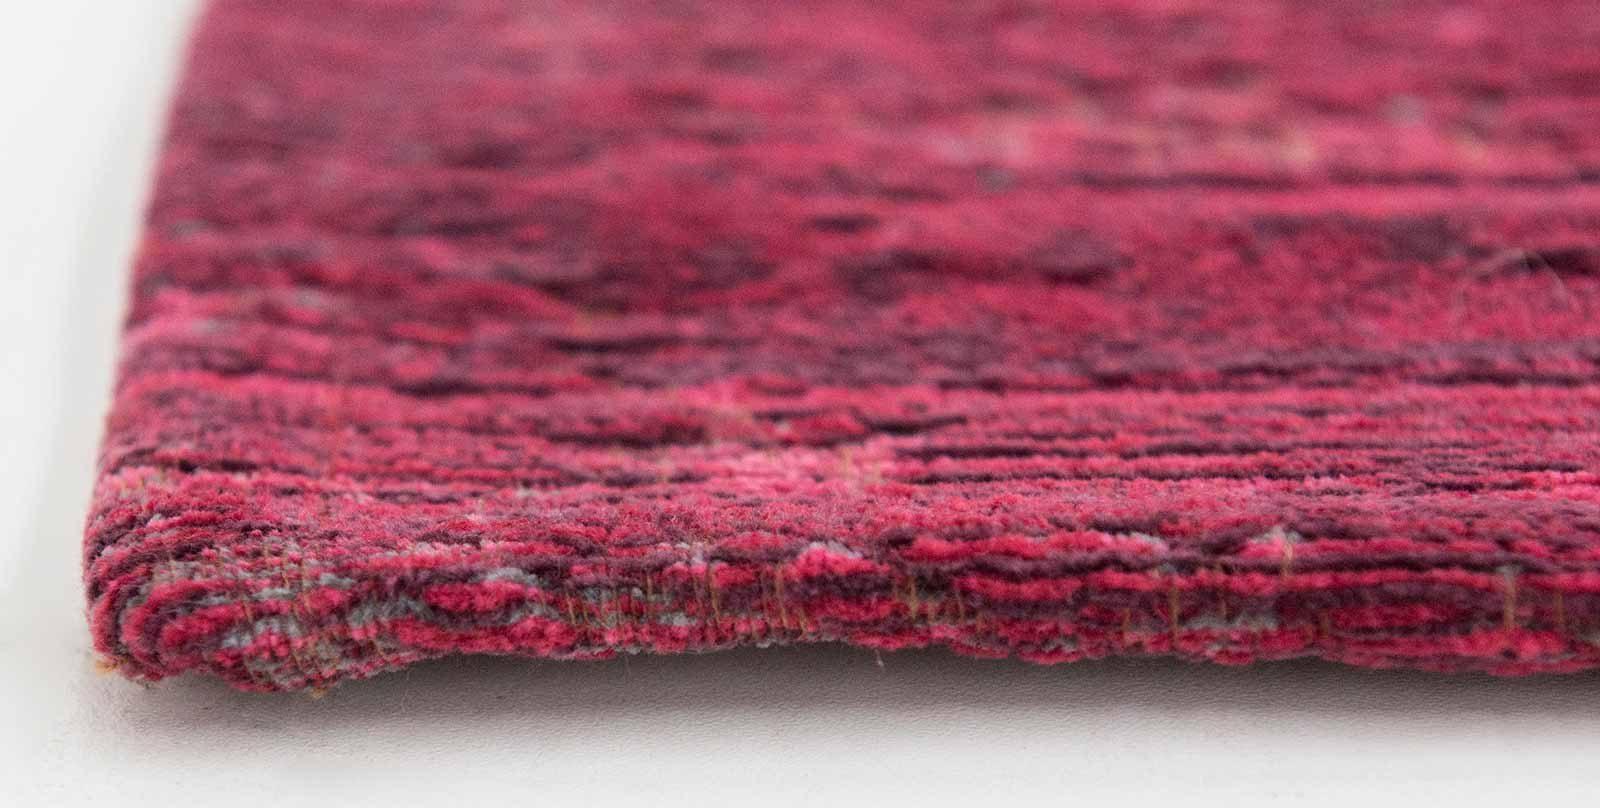 vloerkleed Louis De Poortere LX8260 Fading World Medaillon Scarlet side